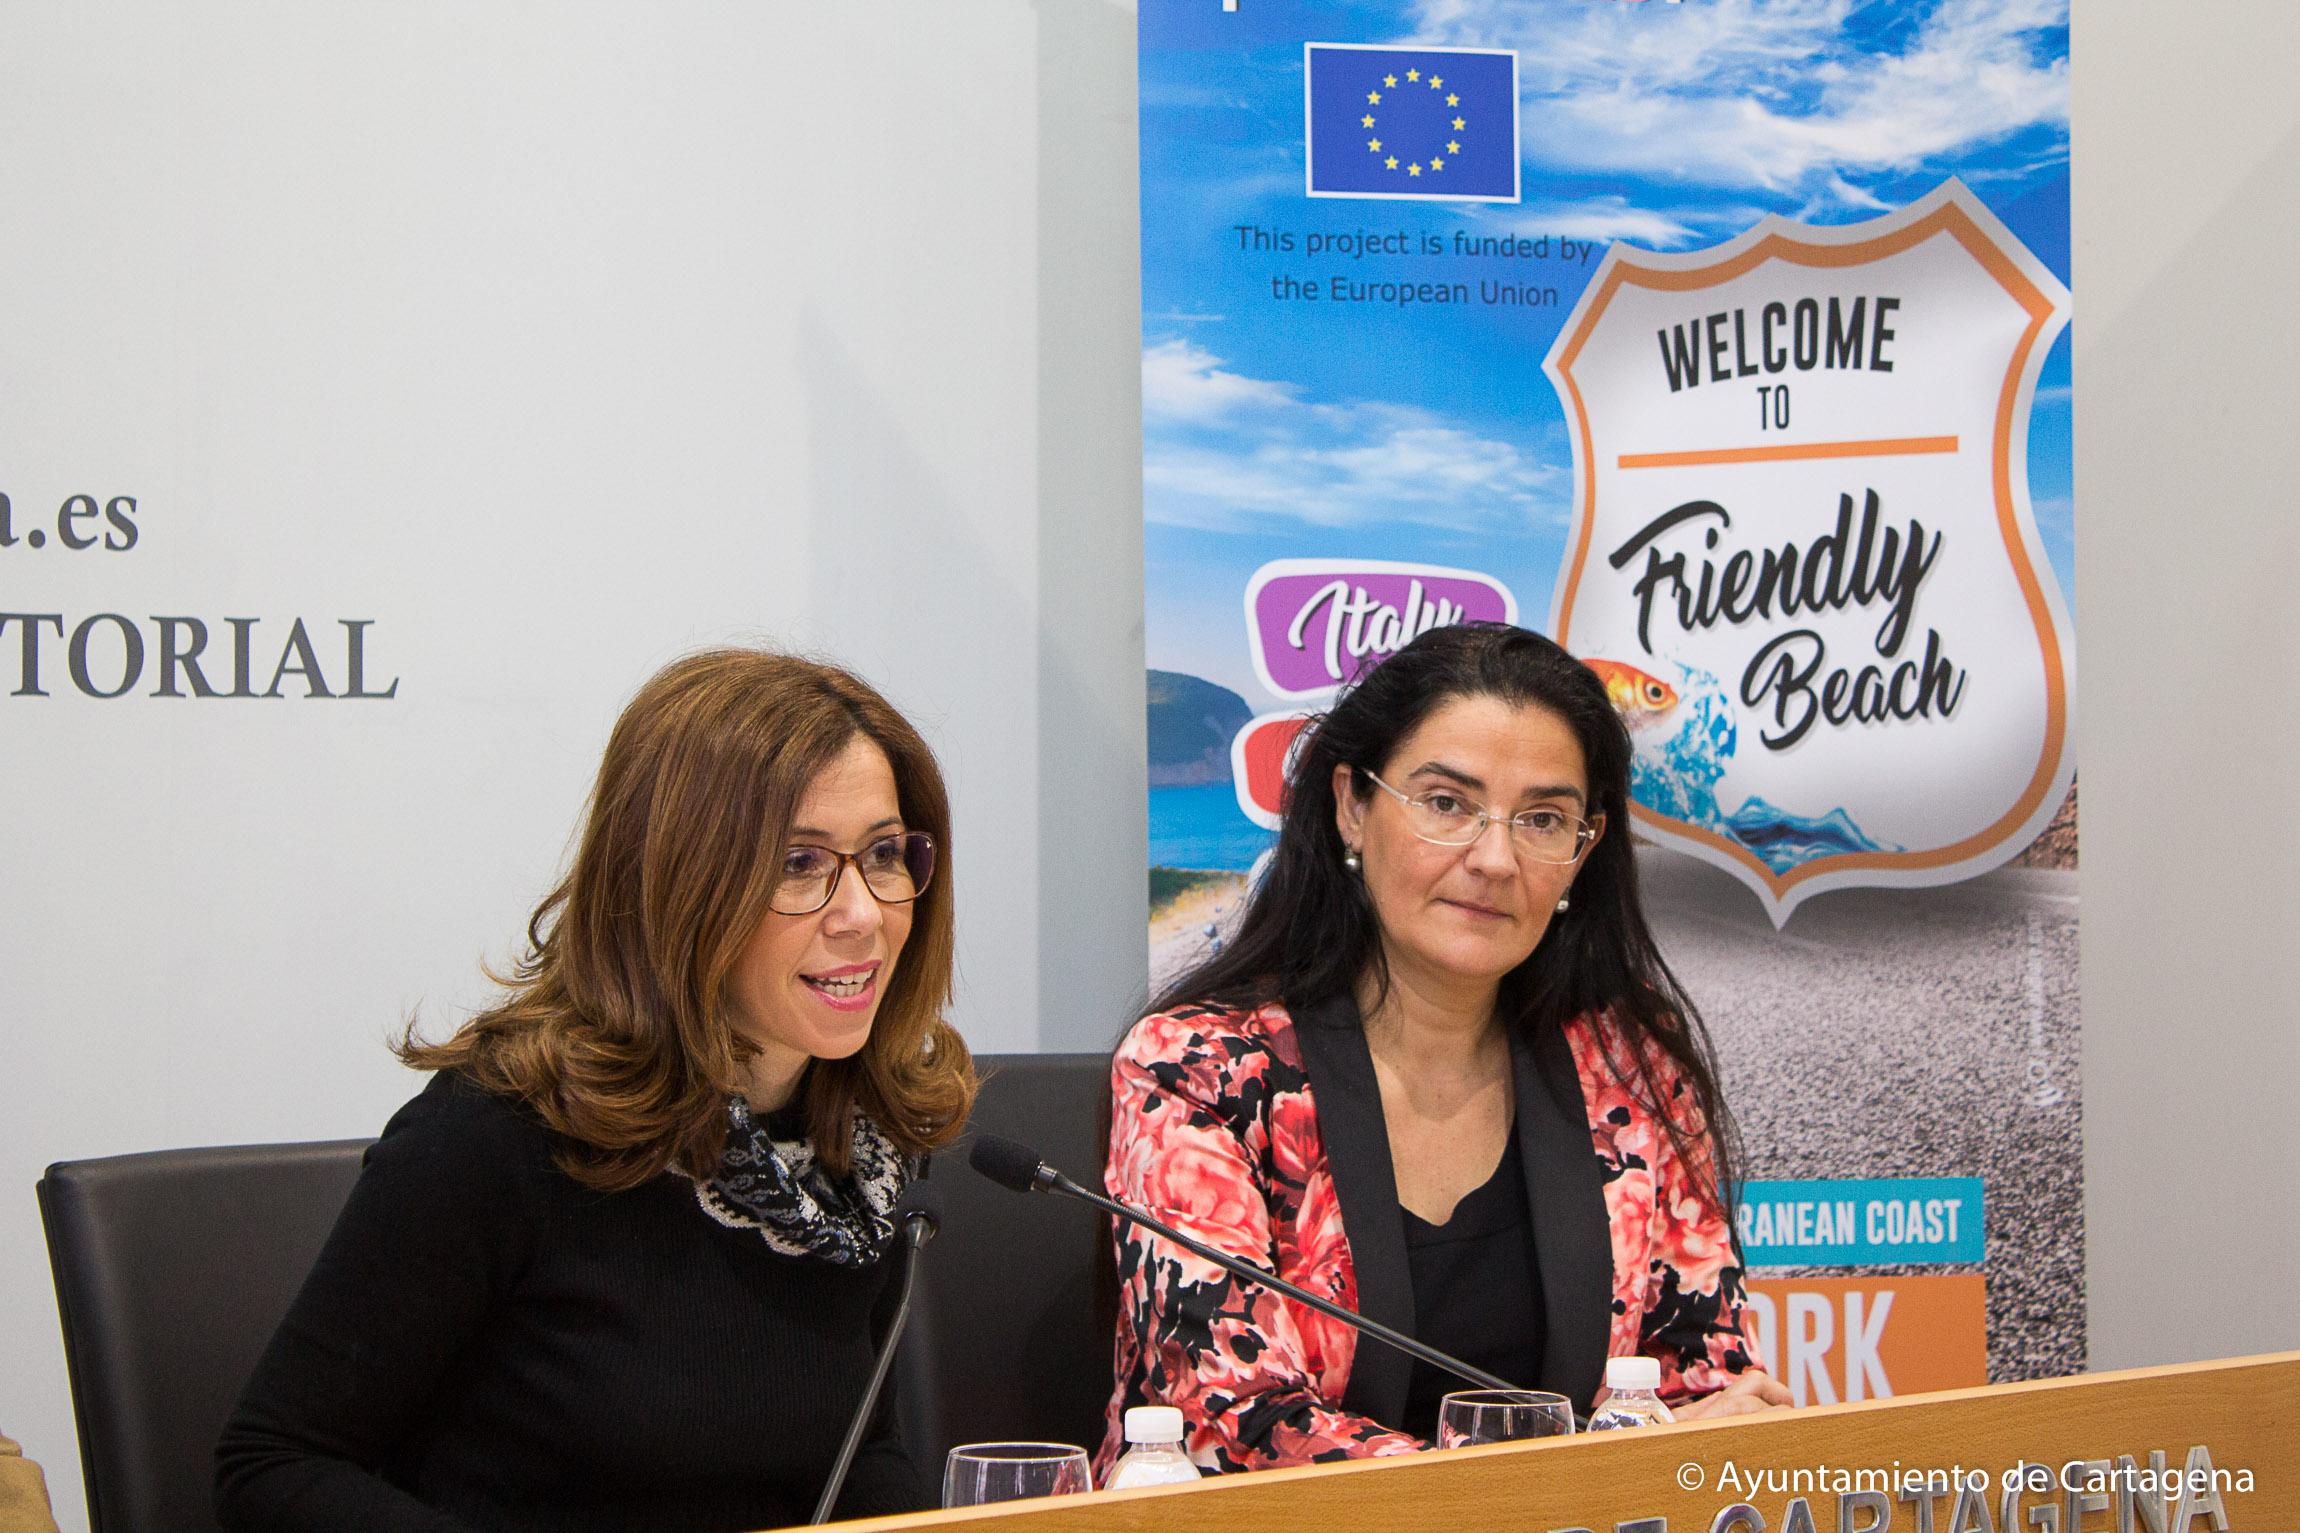 Presentación de las acciones de formación del programa Friendly Beach en Cartagena